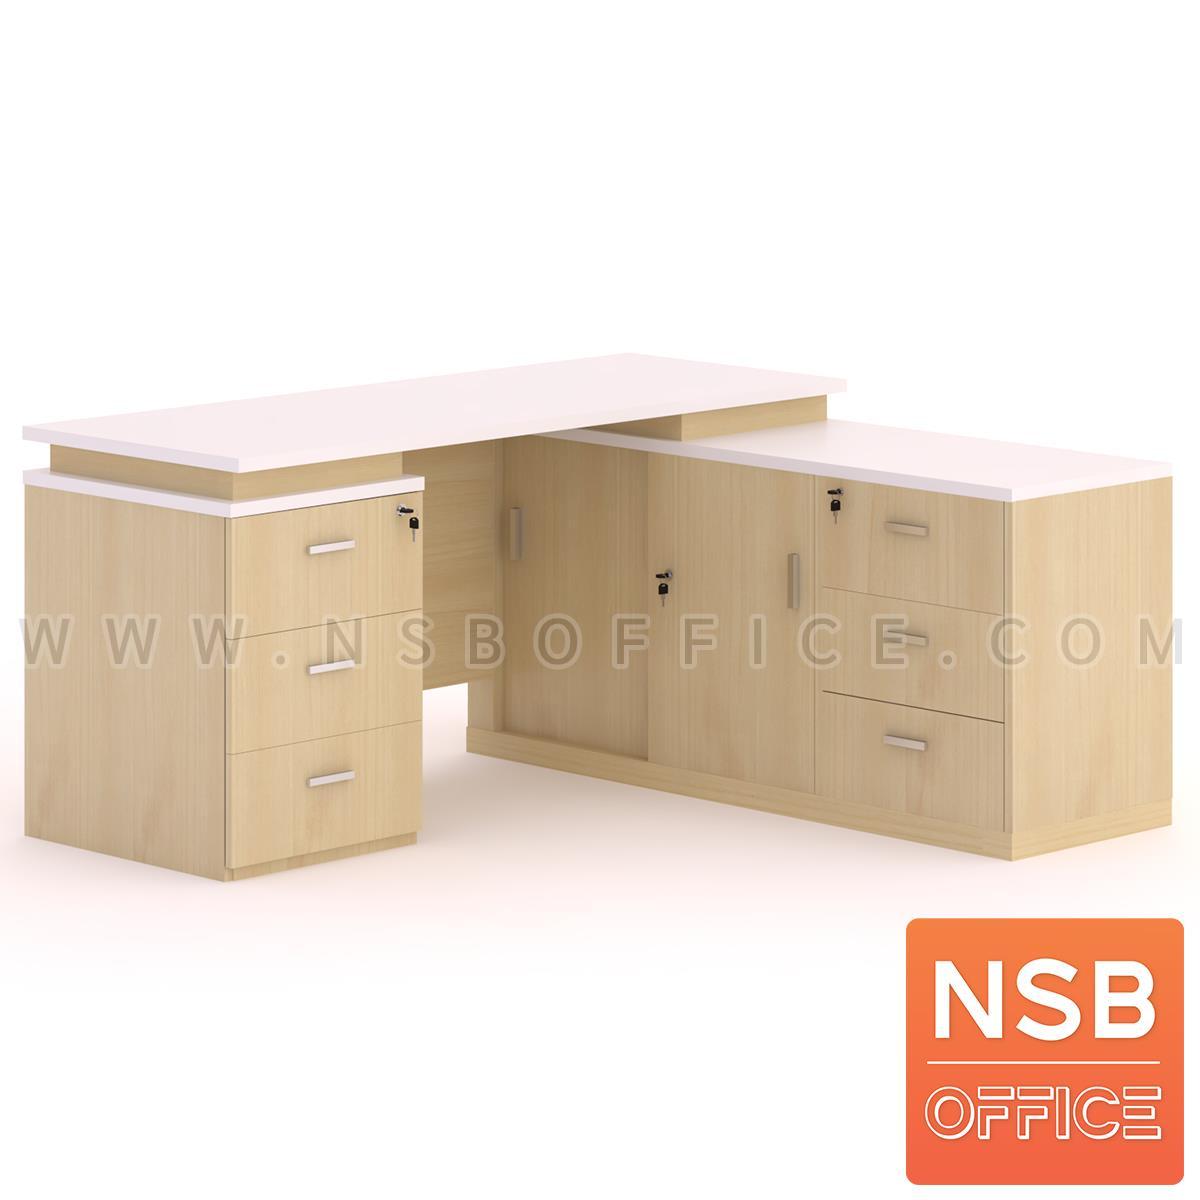 A16A088:โต๊ะทำงานตัวแอล (สต็อก 5 ตัวเฉพาะแอลขวา) รุ่น Downlight (ดาวน์ไลท์) ขนาด 160W*160D*75H cm.  เมลามีน